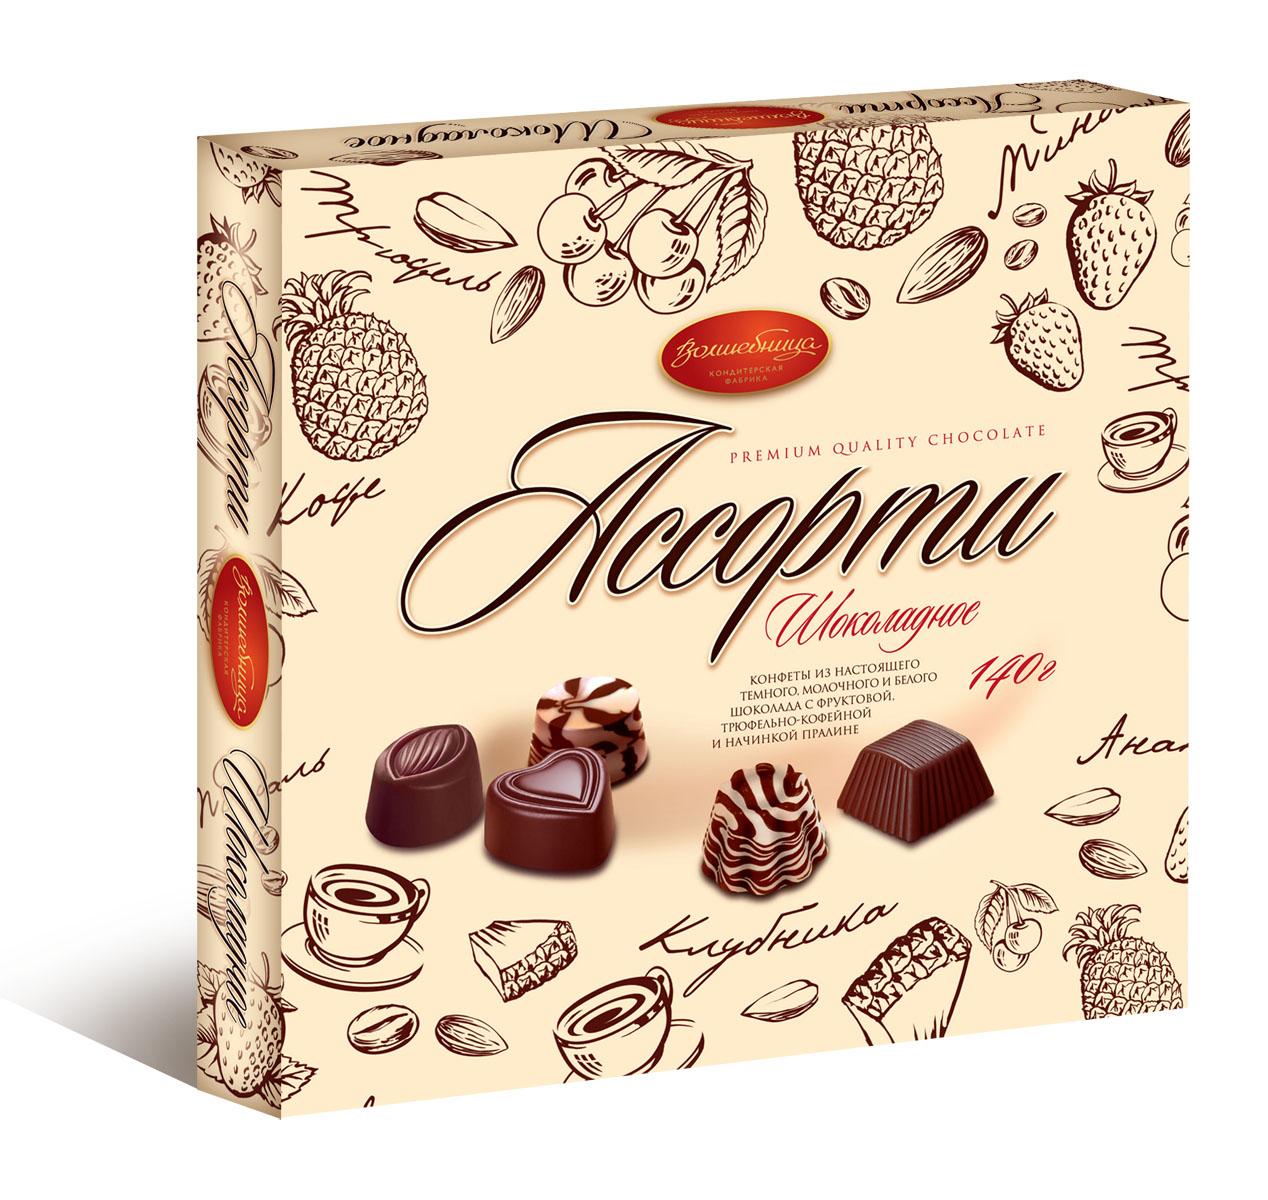 Волшебница конфеты шоколадное ассорти (белые), 140 г волшебница волшебная белочка шоколад 80 г